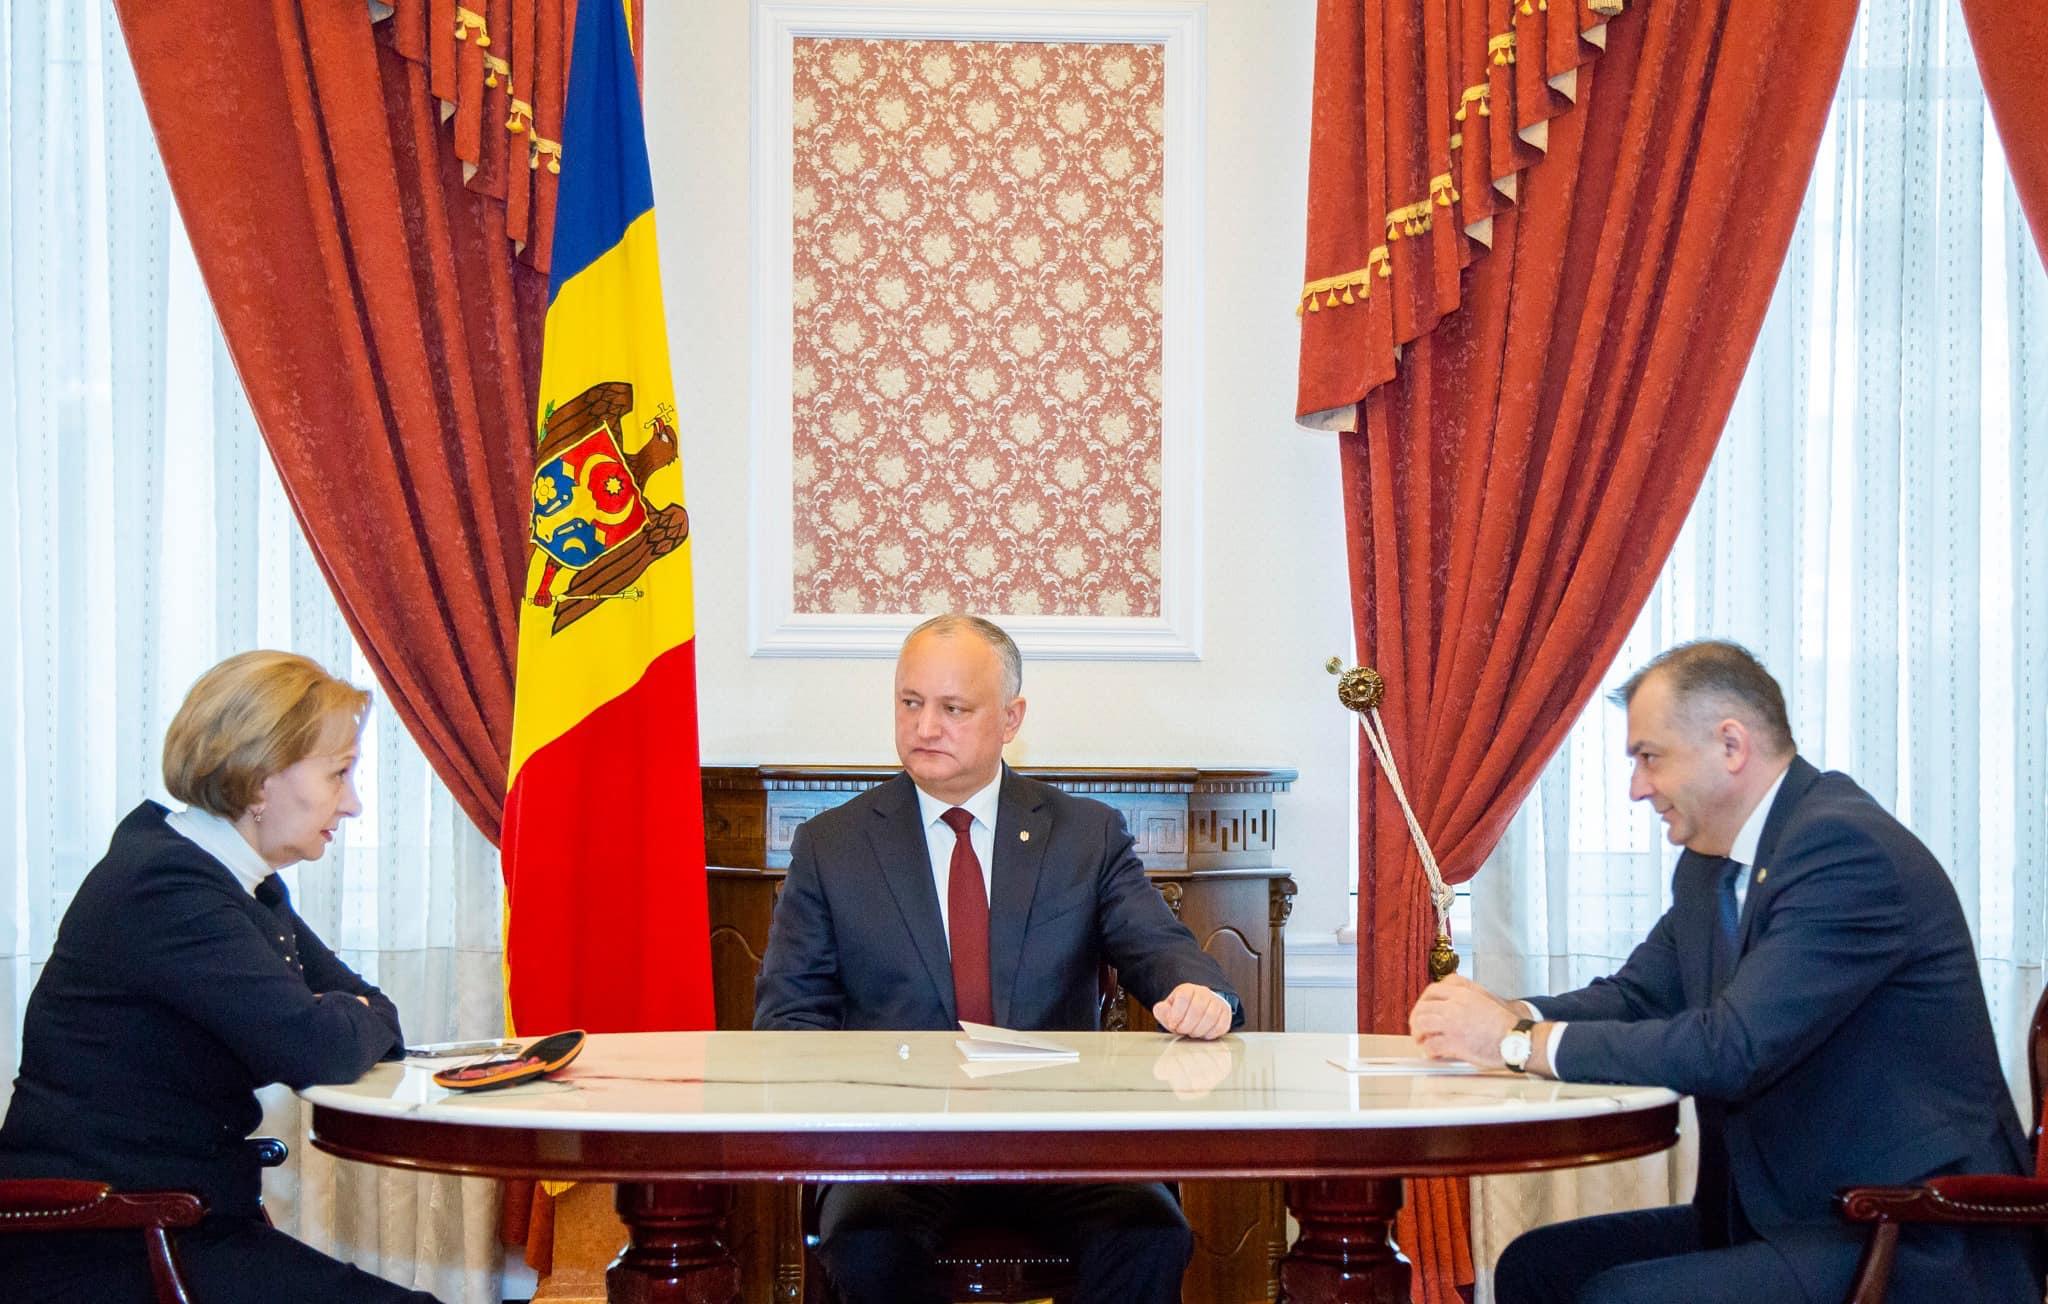 Еженедельное совещание руководства Молдовы: о чем говорили Додон, Кику и Гречаный (ФОТО, ВИДЕО)